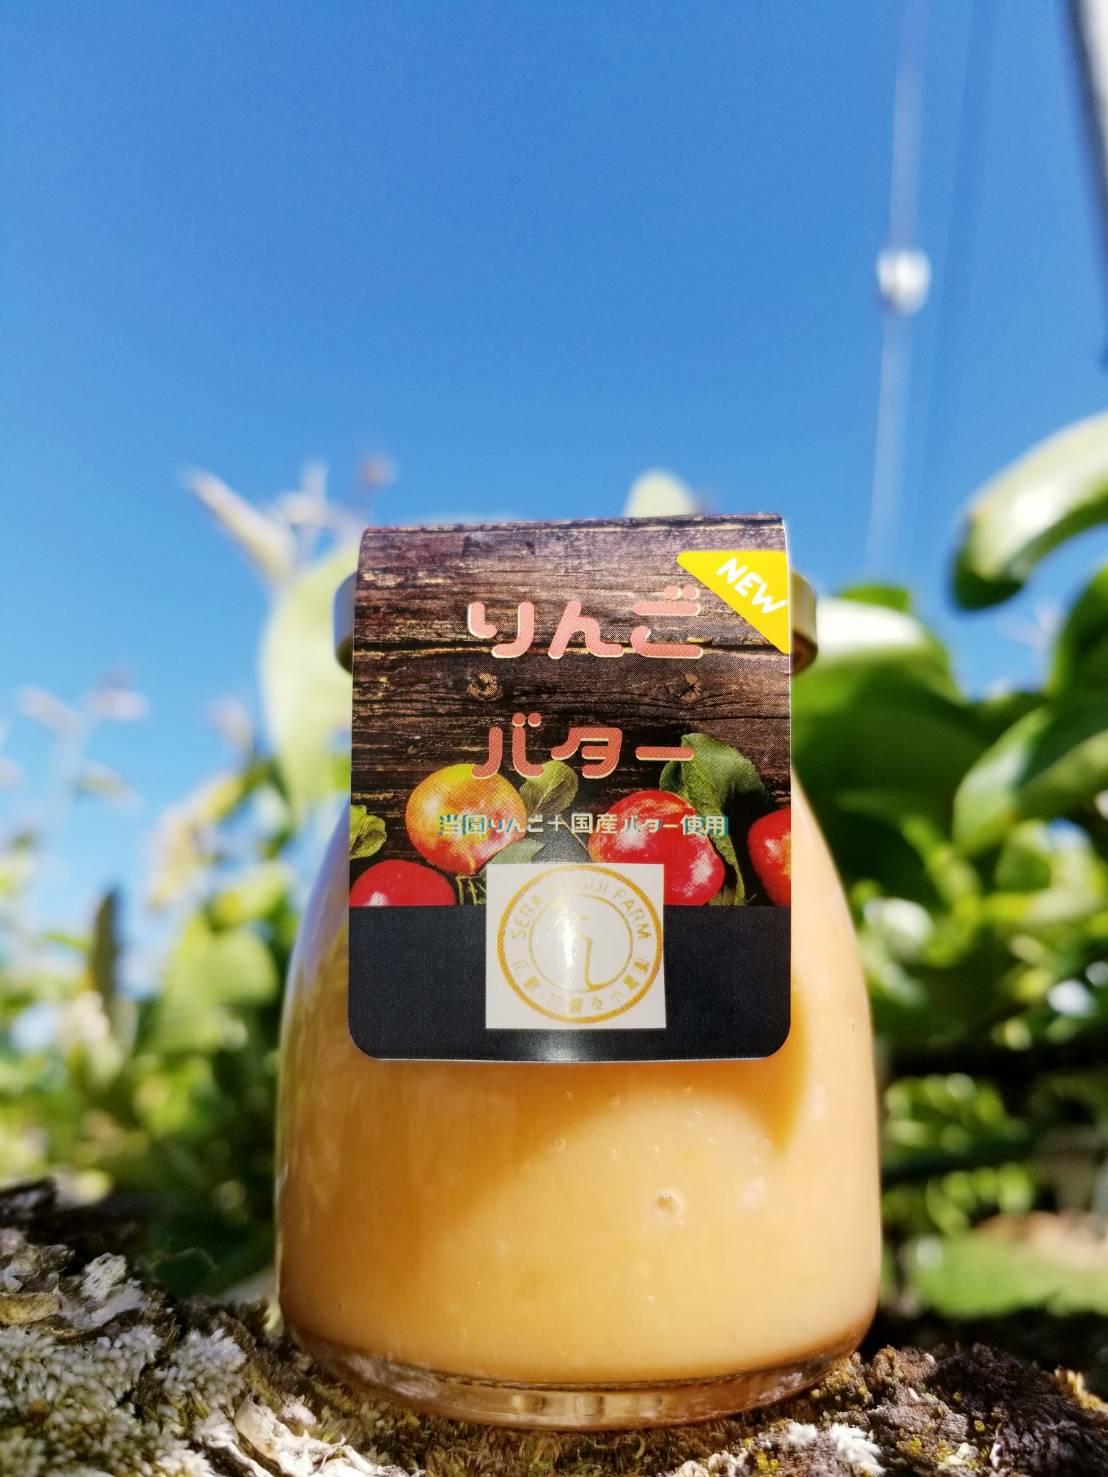 世羅幸水農園の「りんごバター」